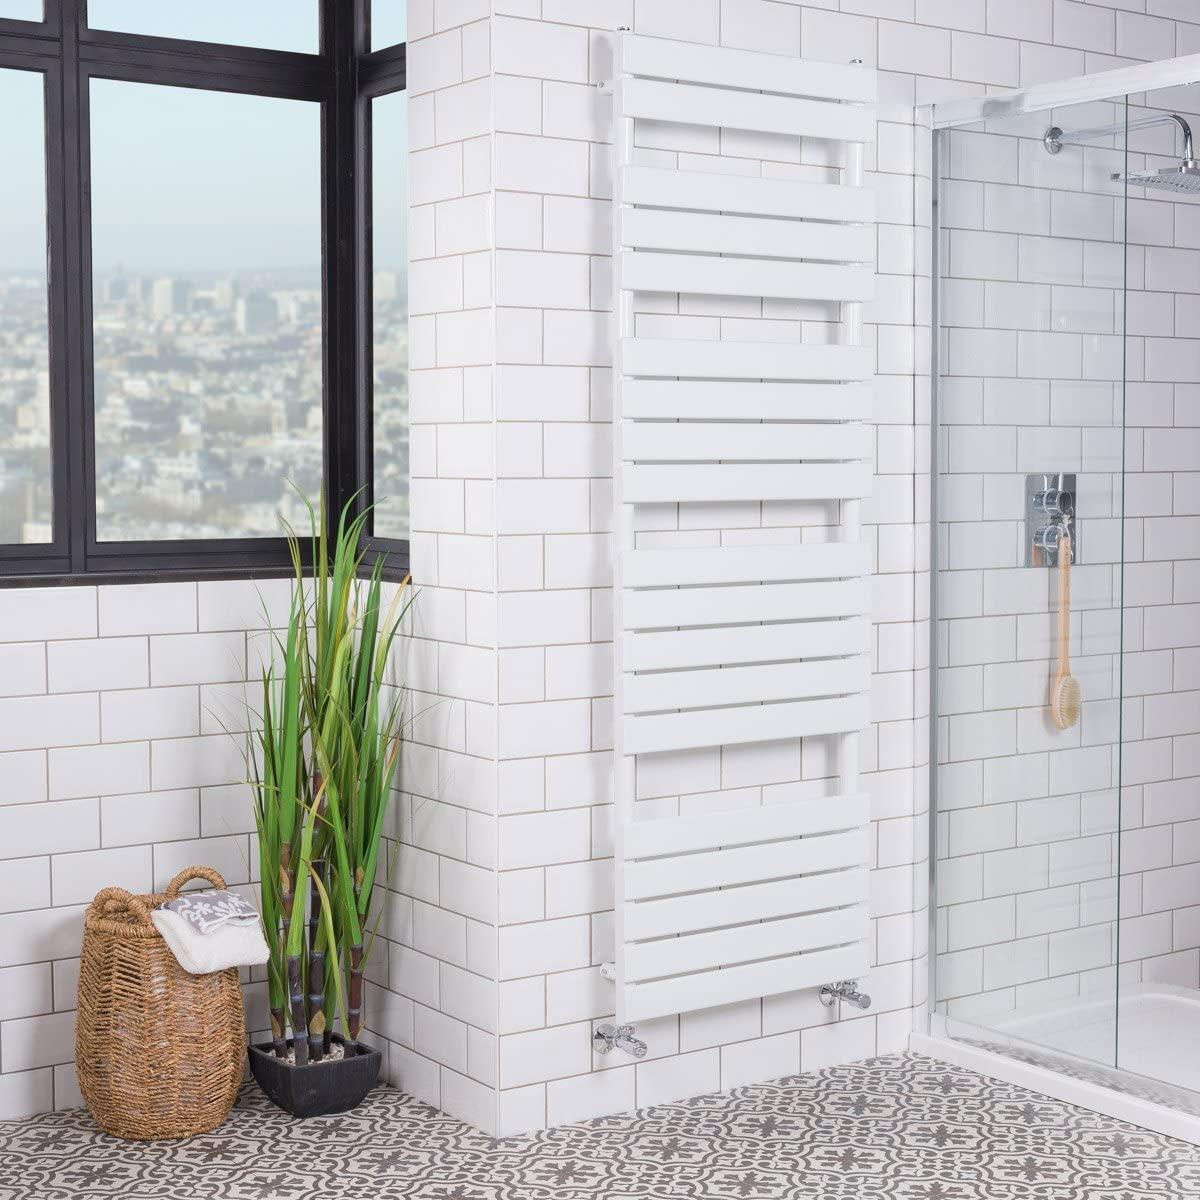 WarmeHaus Designer Minimalist Bathroom Flat Panel Heated Towel Rail Radiator